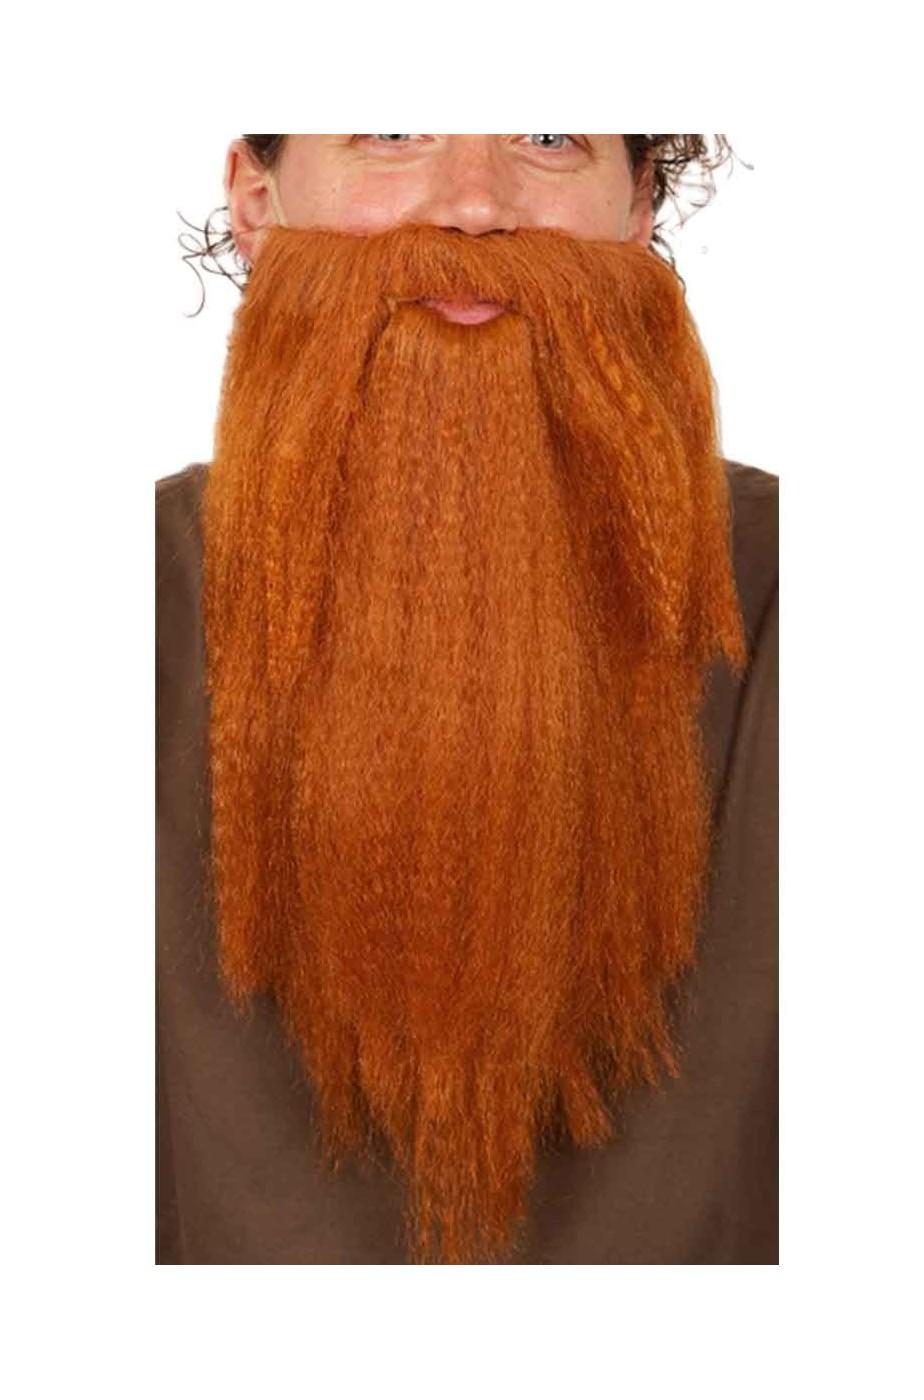 Barba girgia Mago o nano